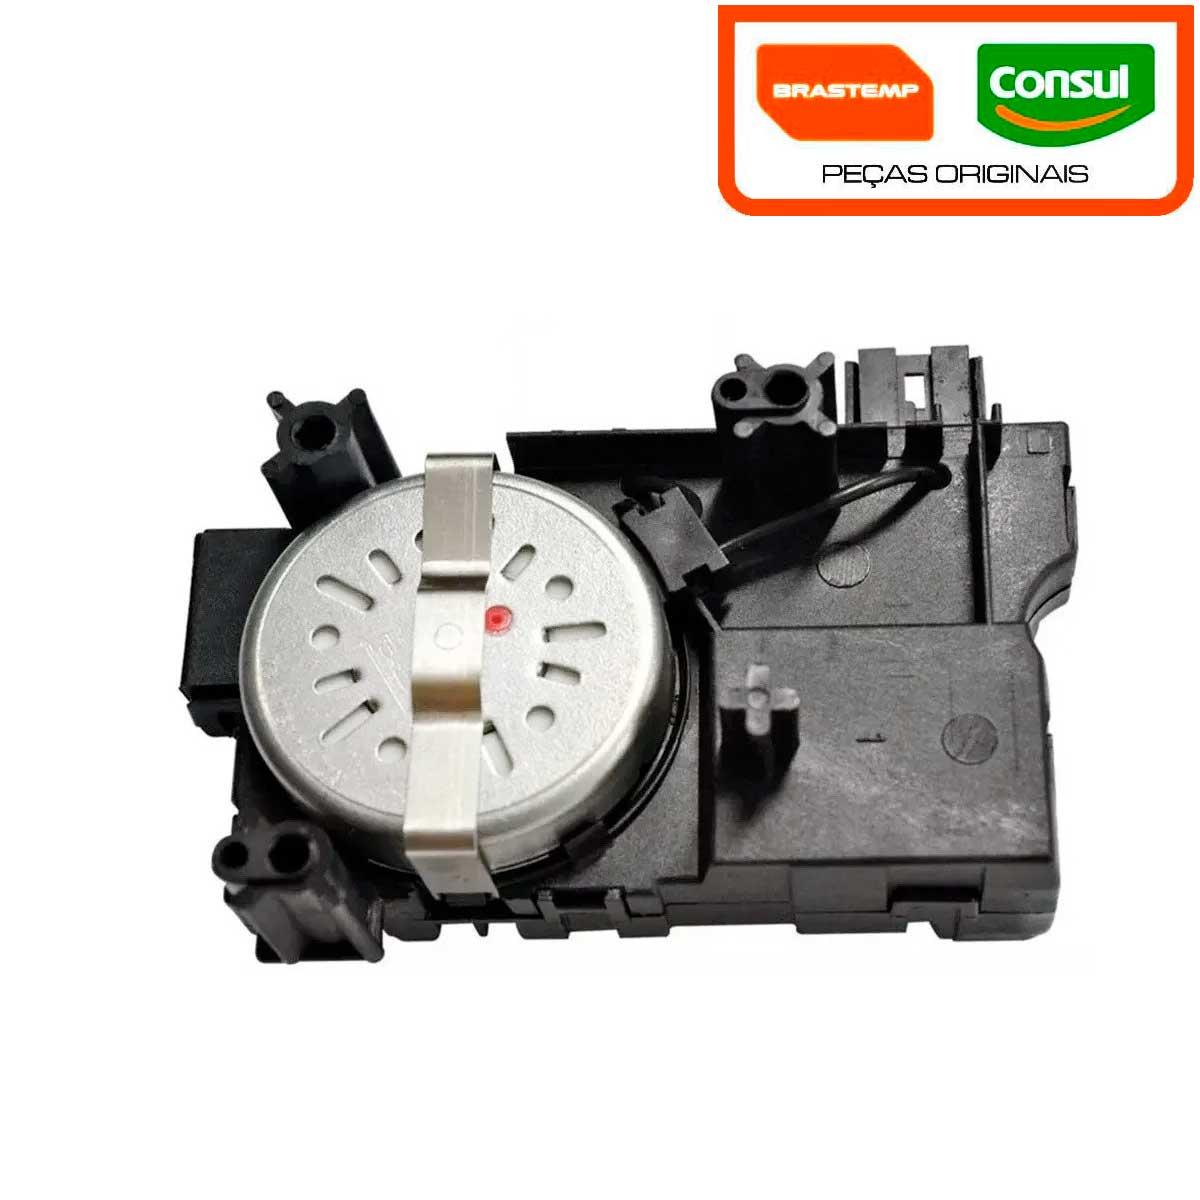 Atuador De Freio Para Maquina Lavar Brastemp Consul  127volts W10518616